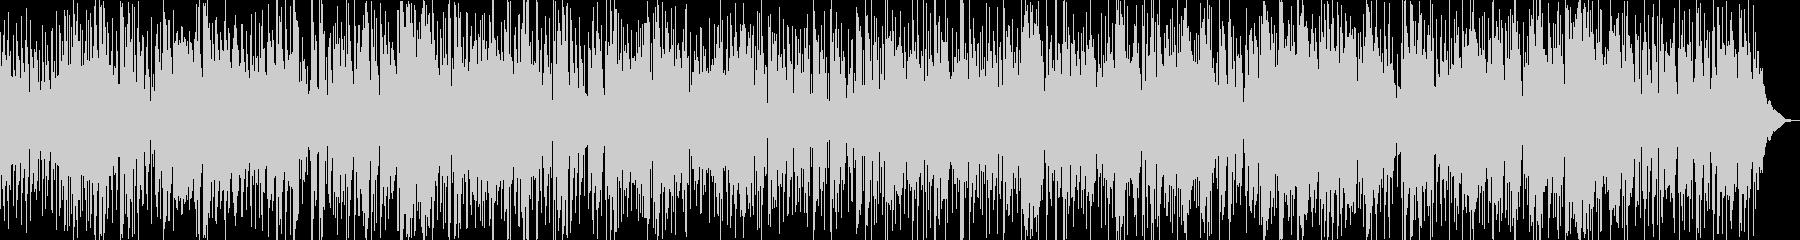 ノリの良いサックスメインのスムースジャズの未再生の波形